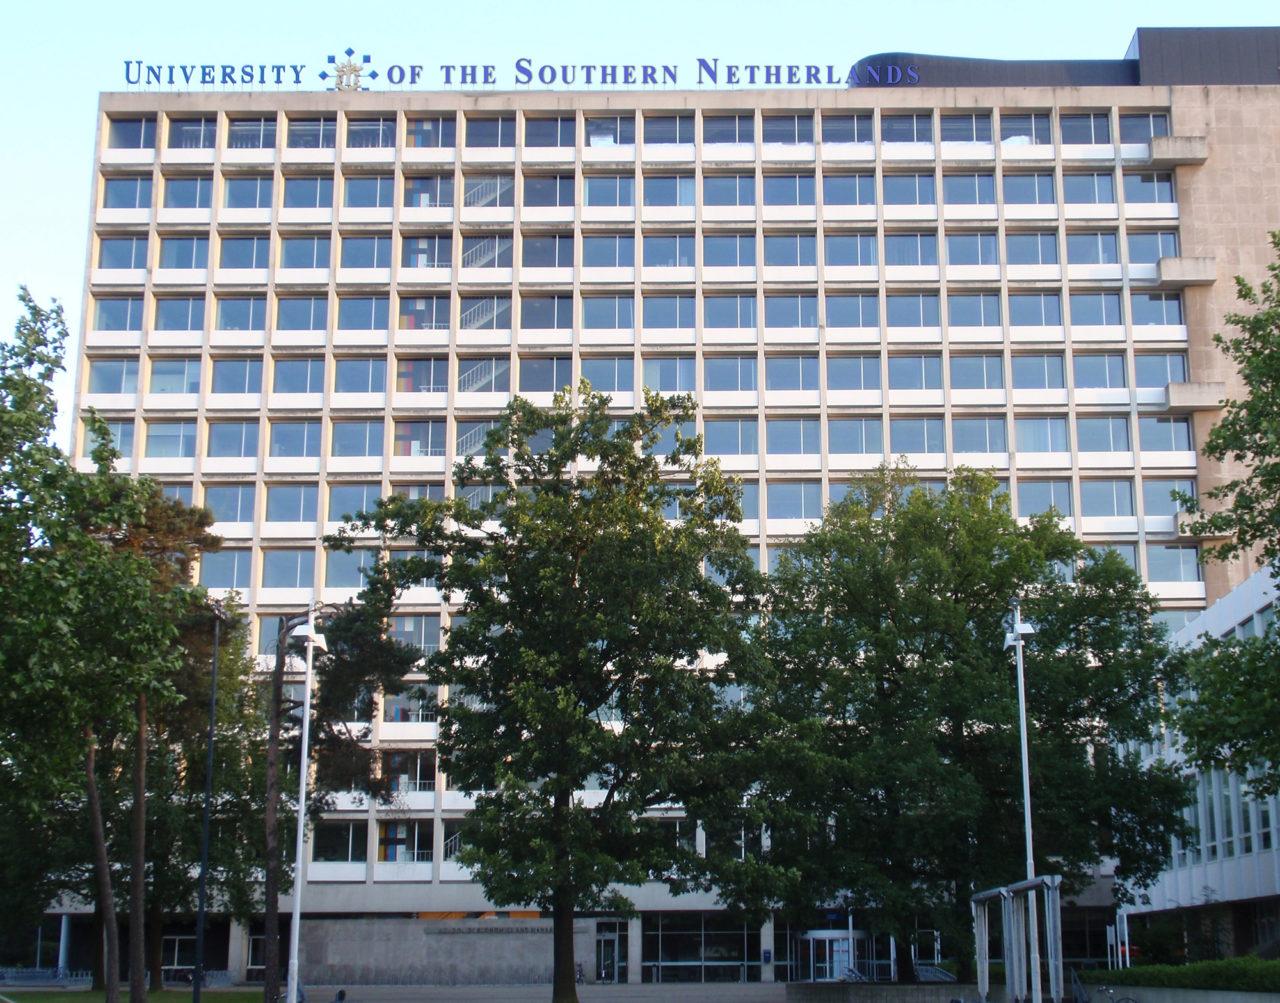 University of the Southern Netherlands